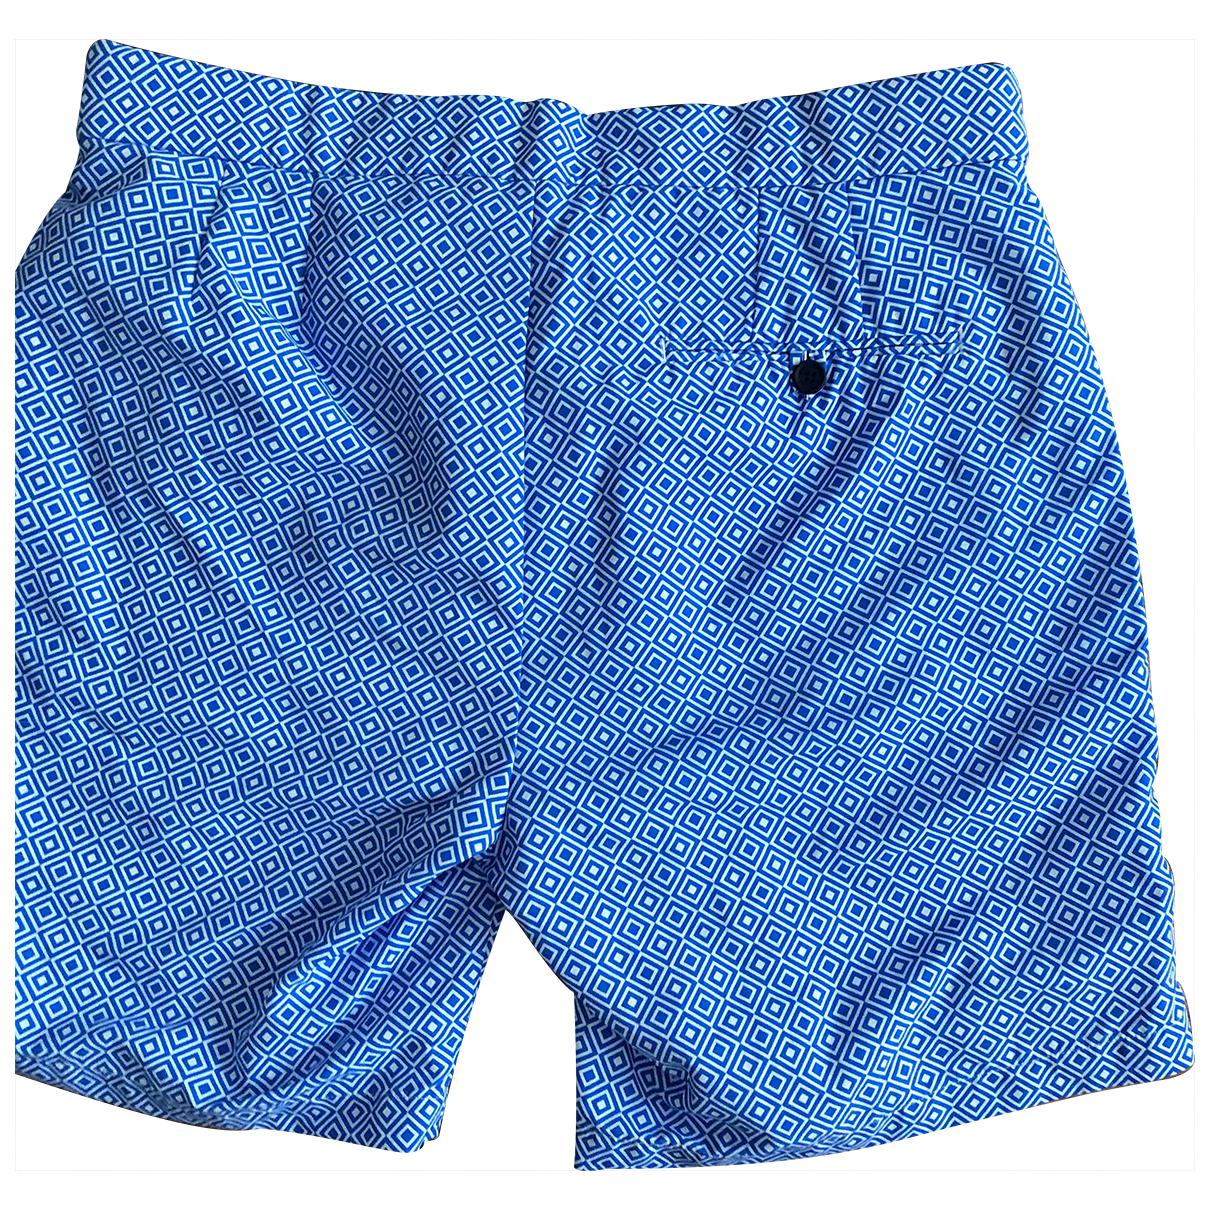 Frescobol Carioca N Blue Cotton - elasthane Swimwear for Men 32 UK - US